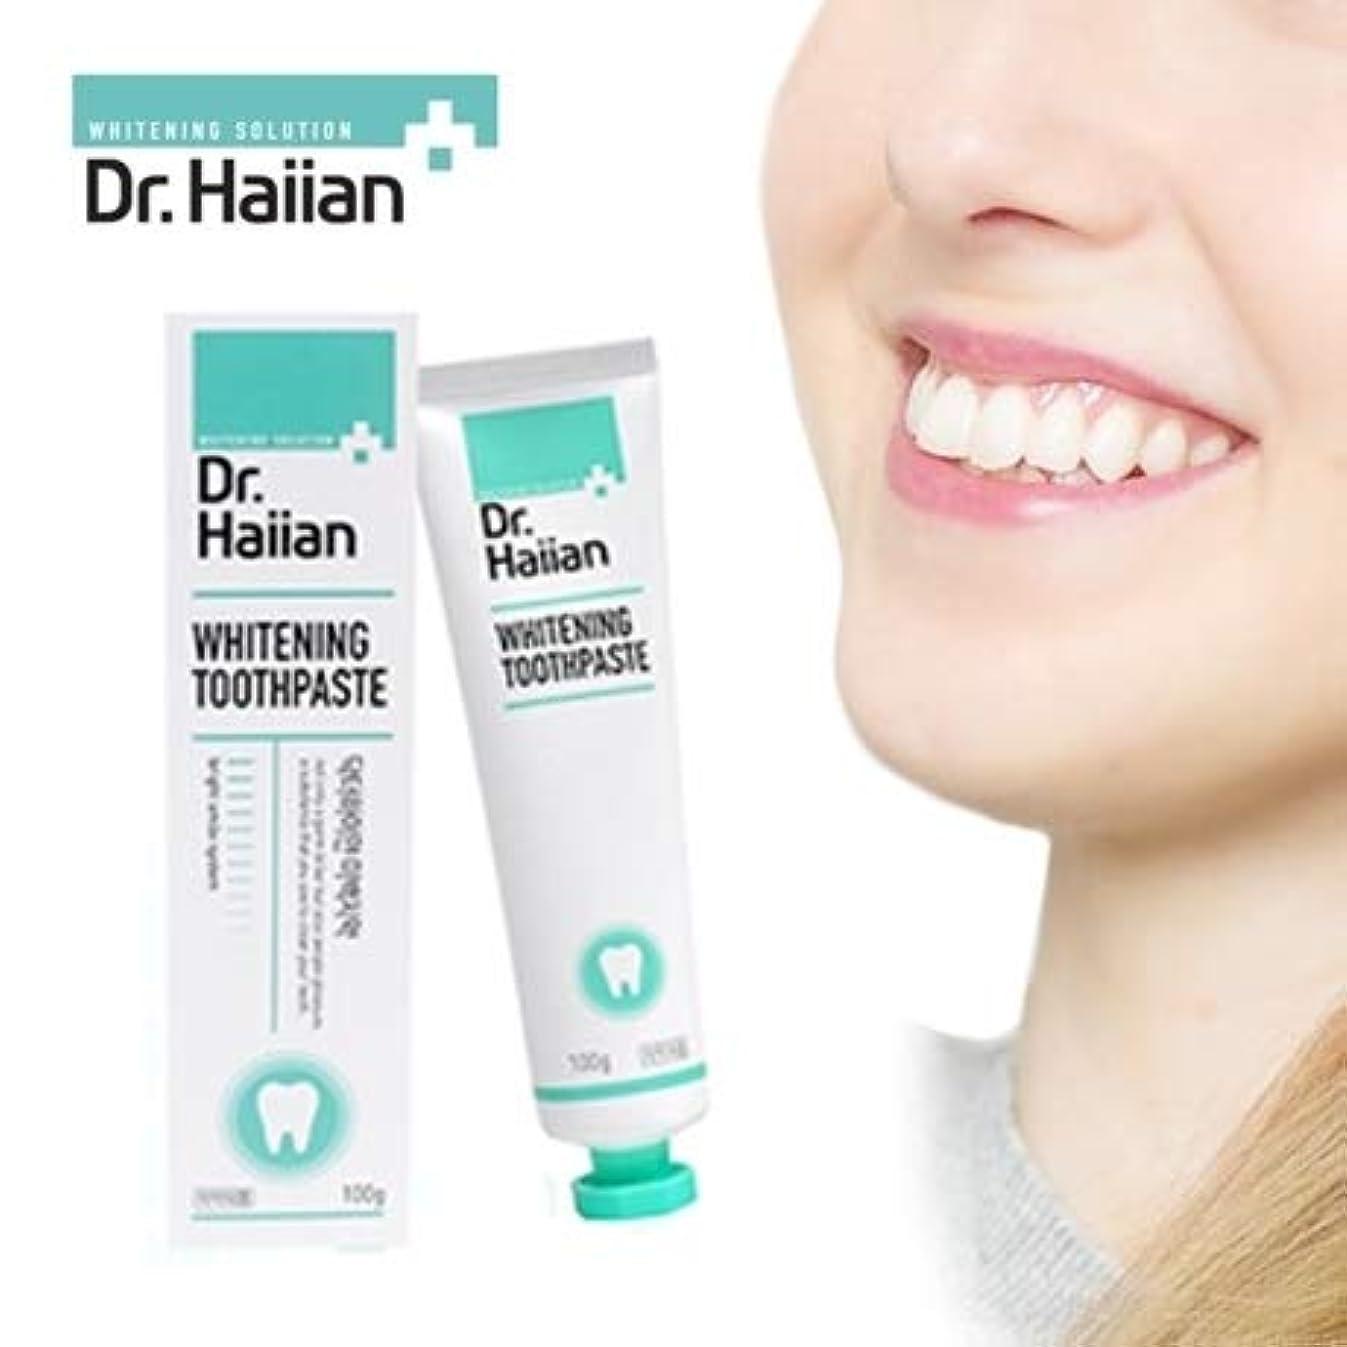 ピース応じるすりDr.Haiian WHITENING TOOTHPASTE ホワイトニング歯磨き粉 100g